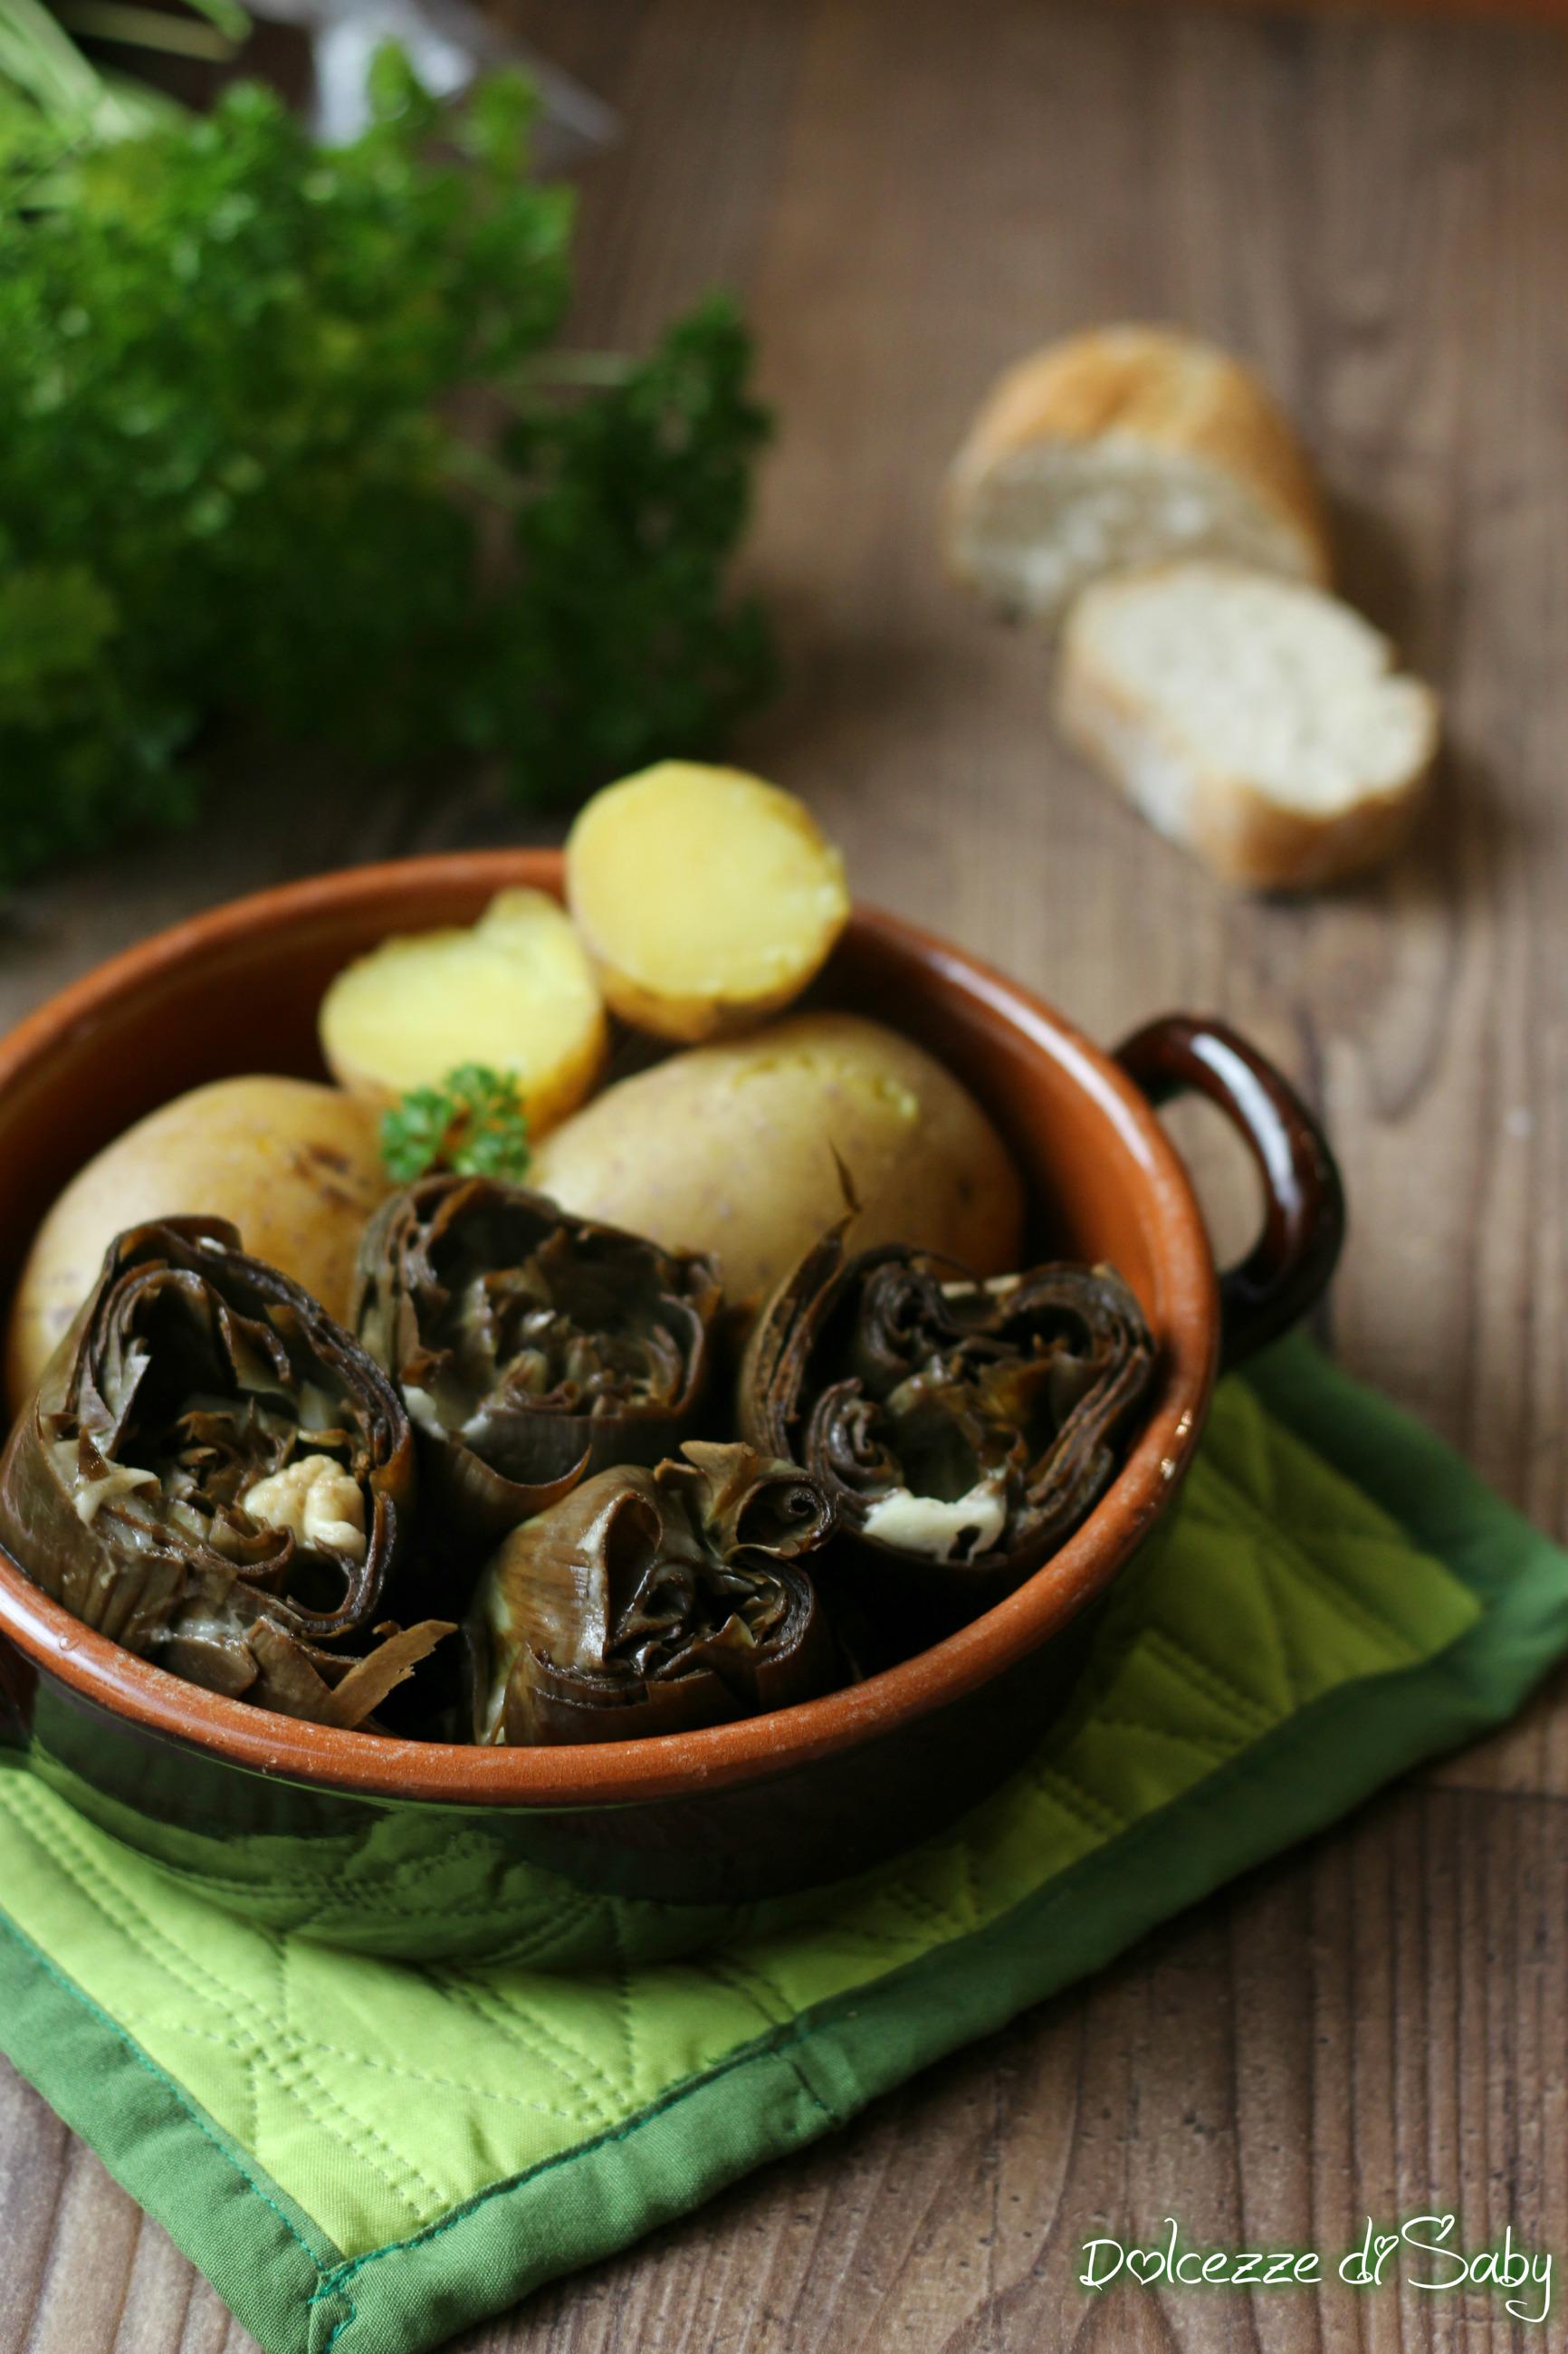 Carciofi ripieni al vapore con patate con e senza mcp o bimby - Cucinare al vapore ...